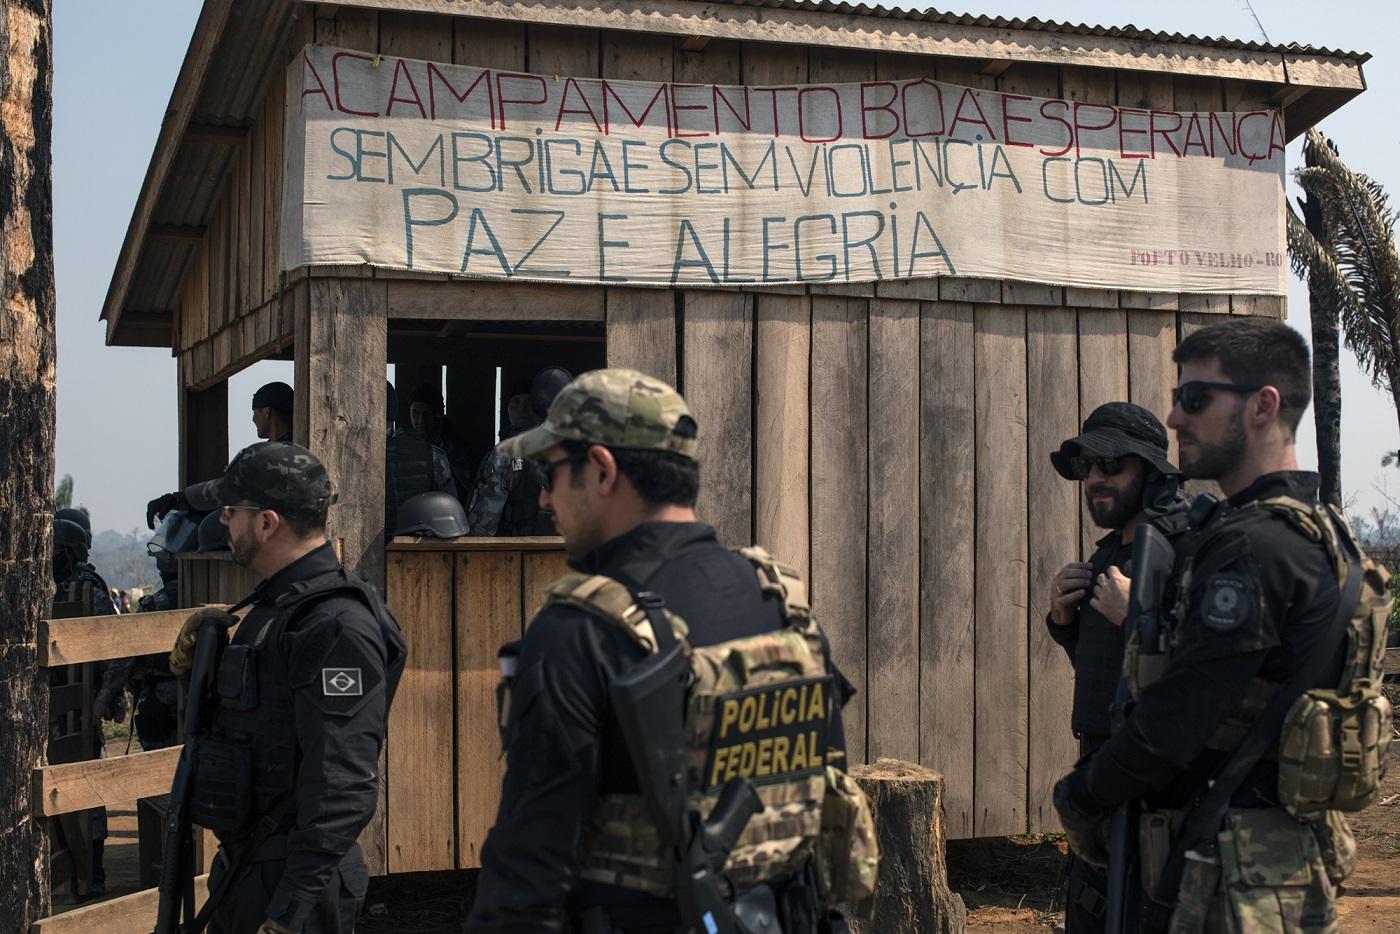 Operação para reintegração de posse do Acampamento Boa Esperança, localizado dentro da Floresta Nacional do Bom Futuro, em Porti Velho, Rondônia. Foto Marizilda Cruppe